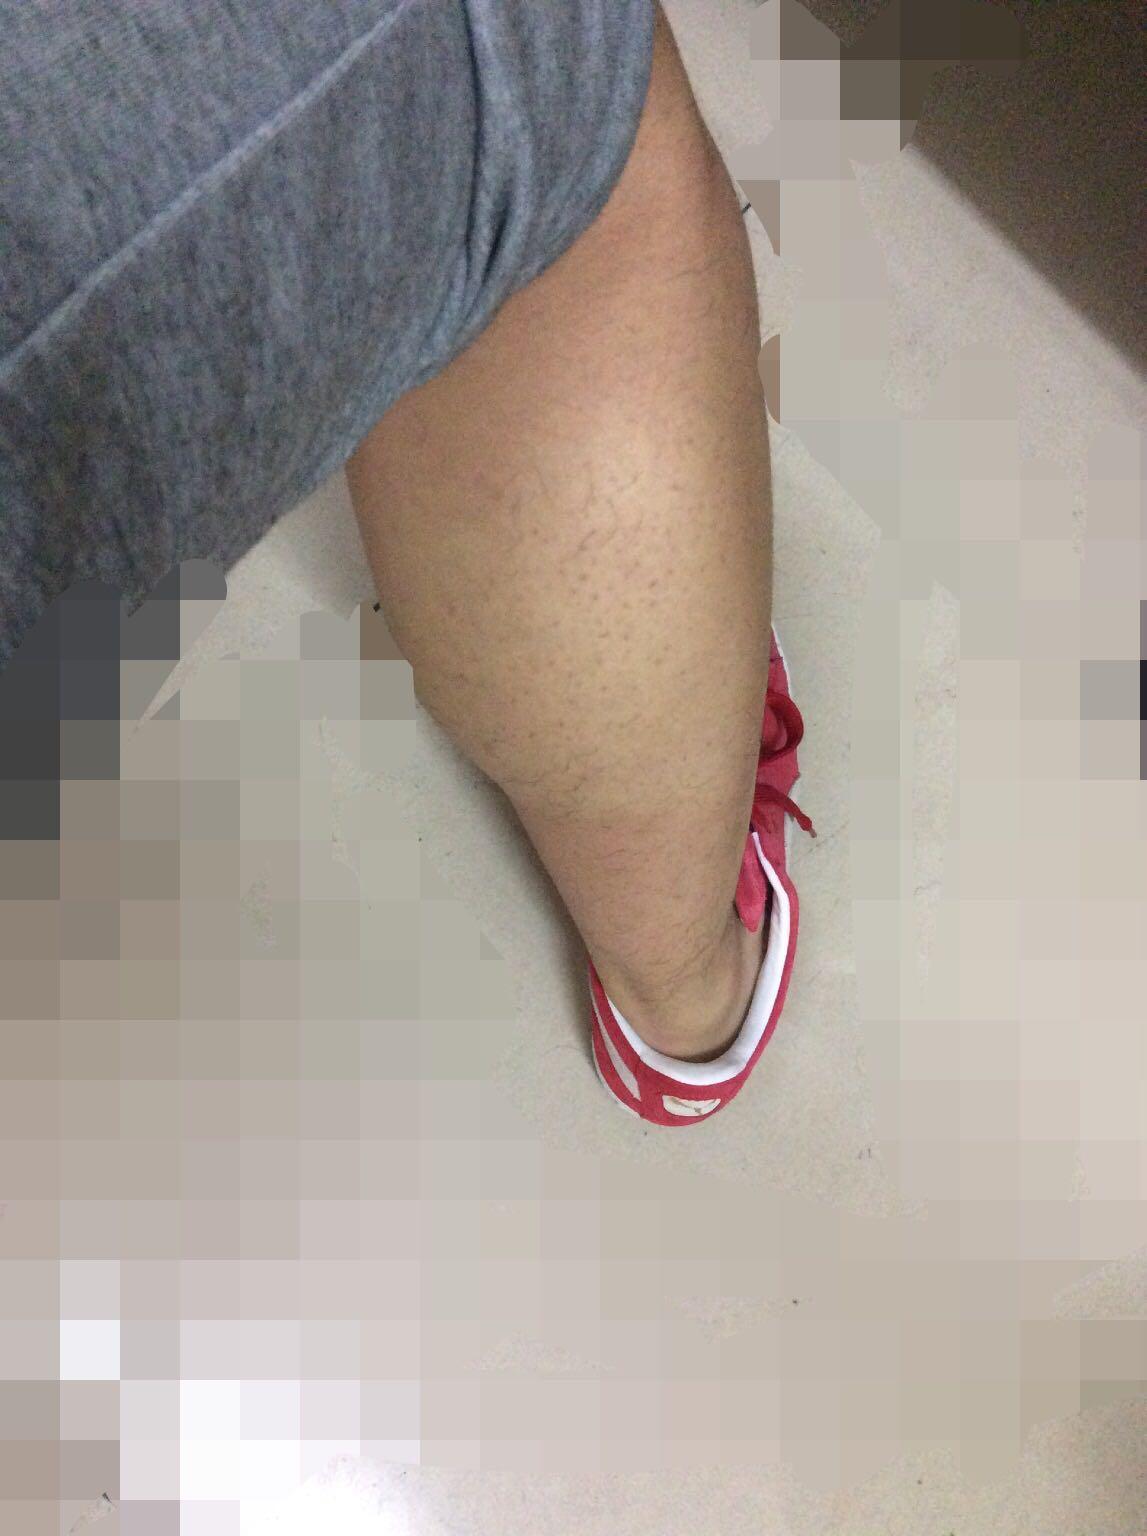 【男生怎么瘦小腿肌肉】_瘦腿_男人_怎么瘦_如何减-大众养生网